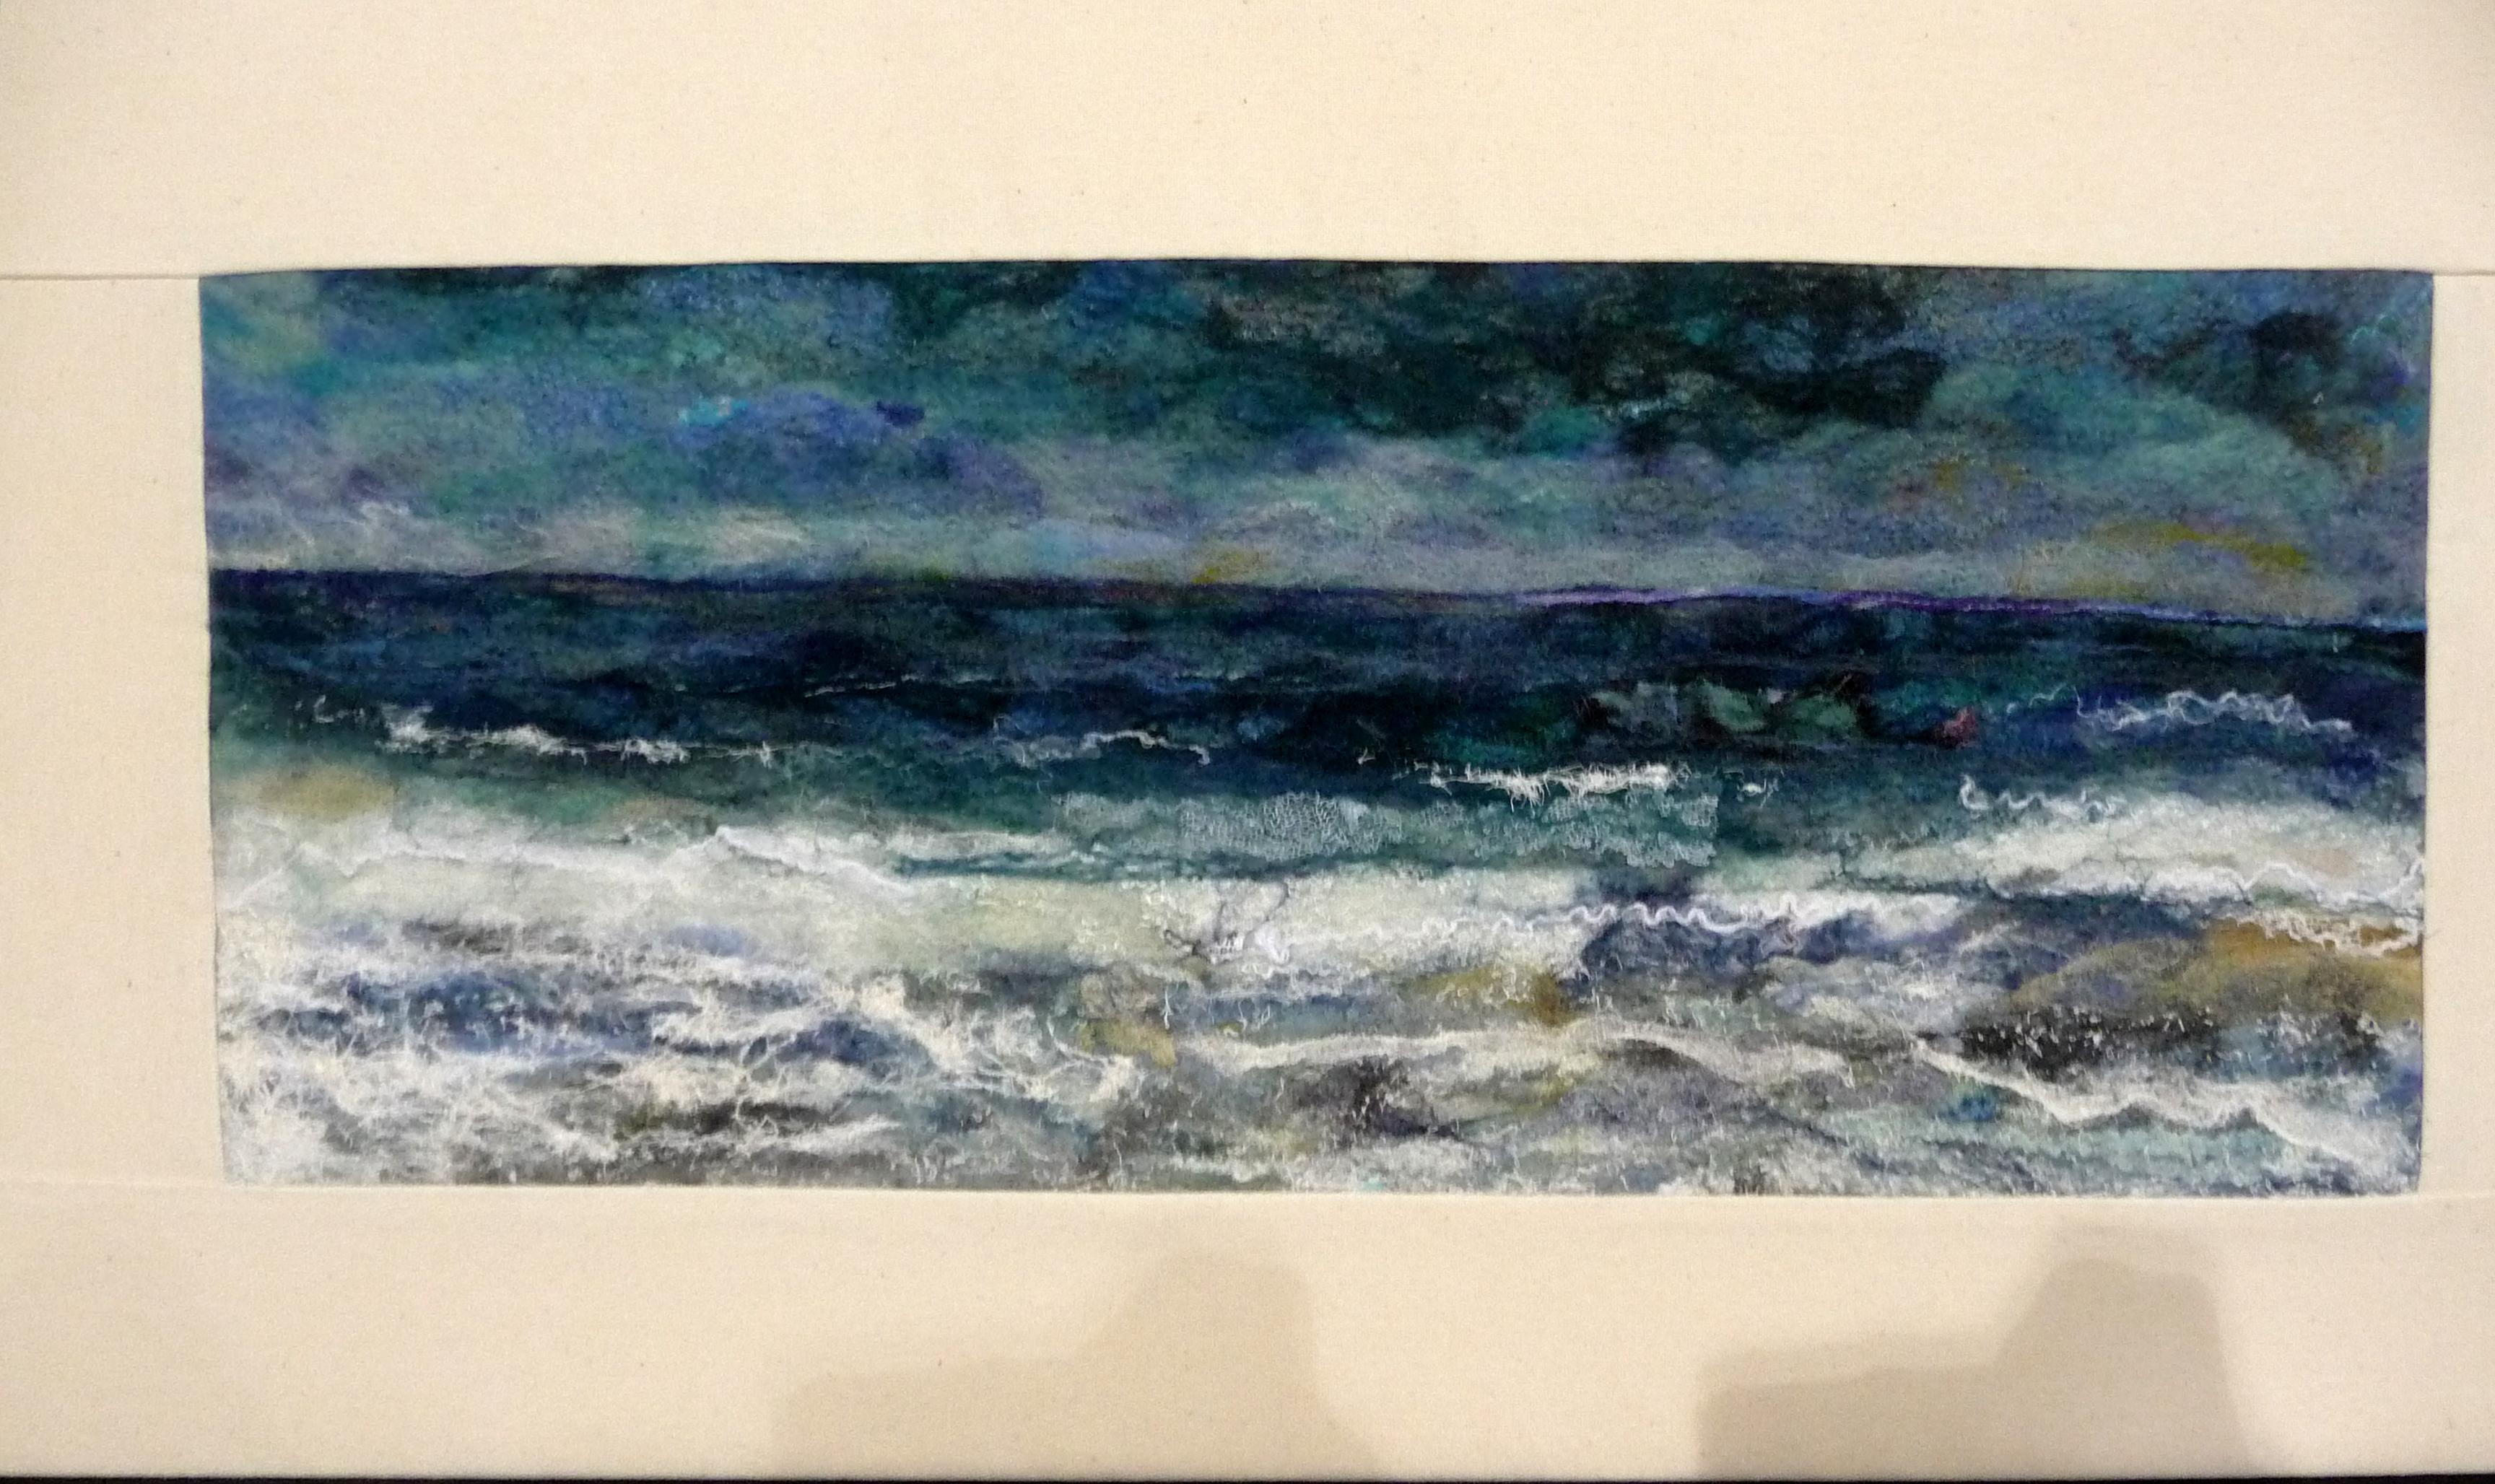 STORMY SEAS by Miriam Forder, felt embellished with stitch